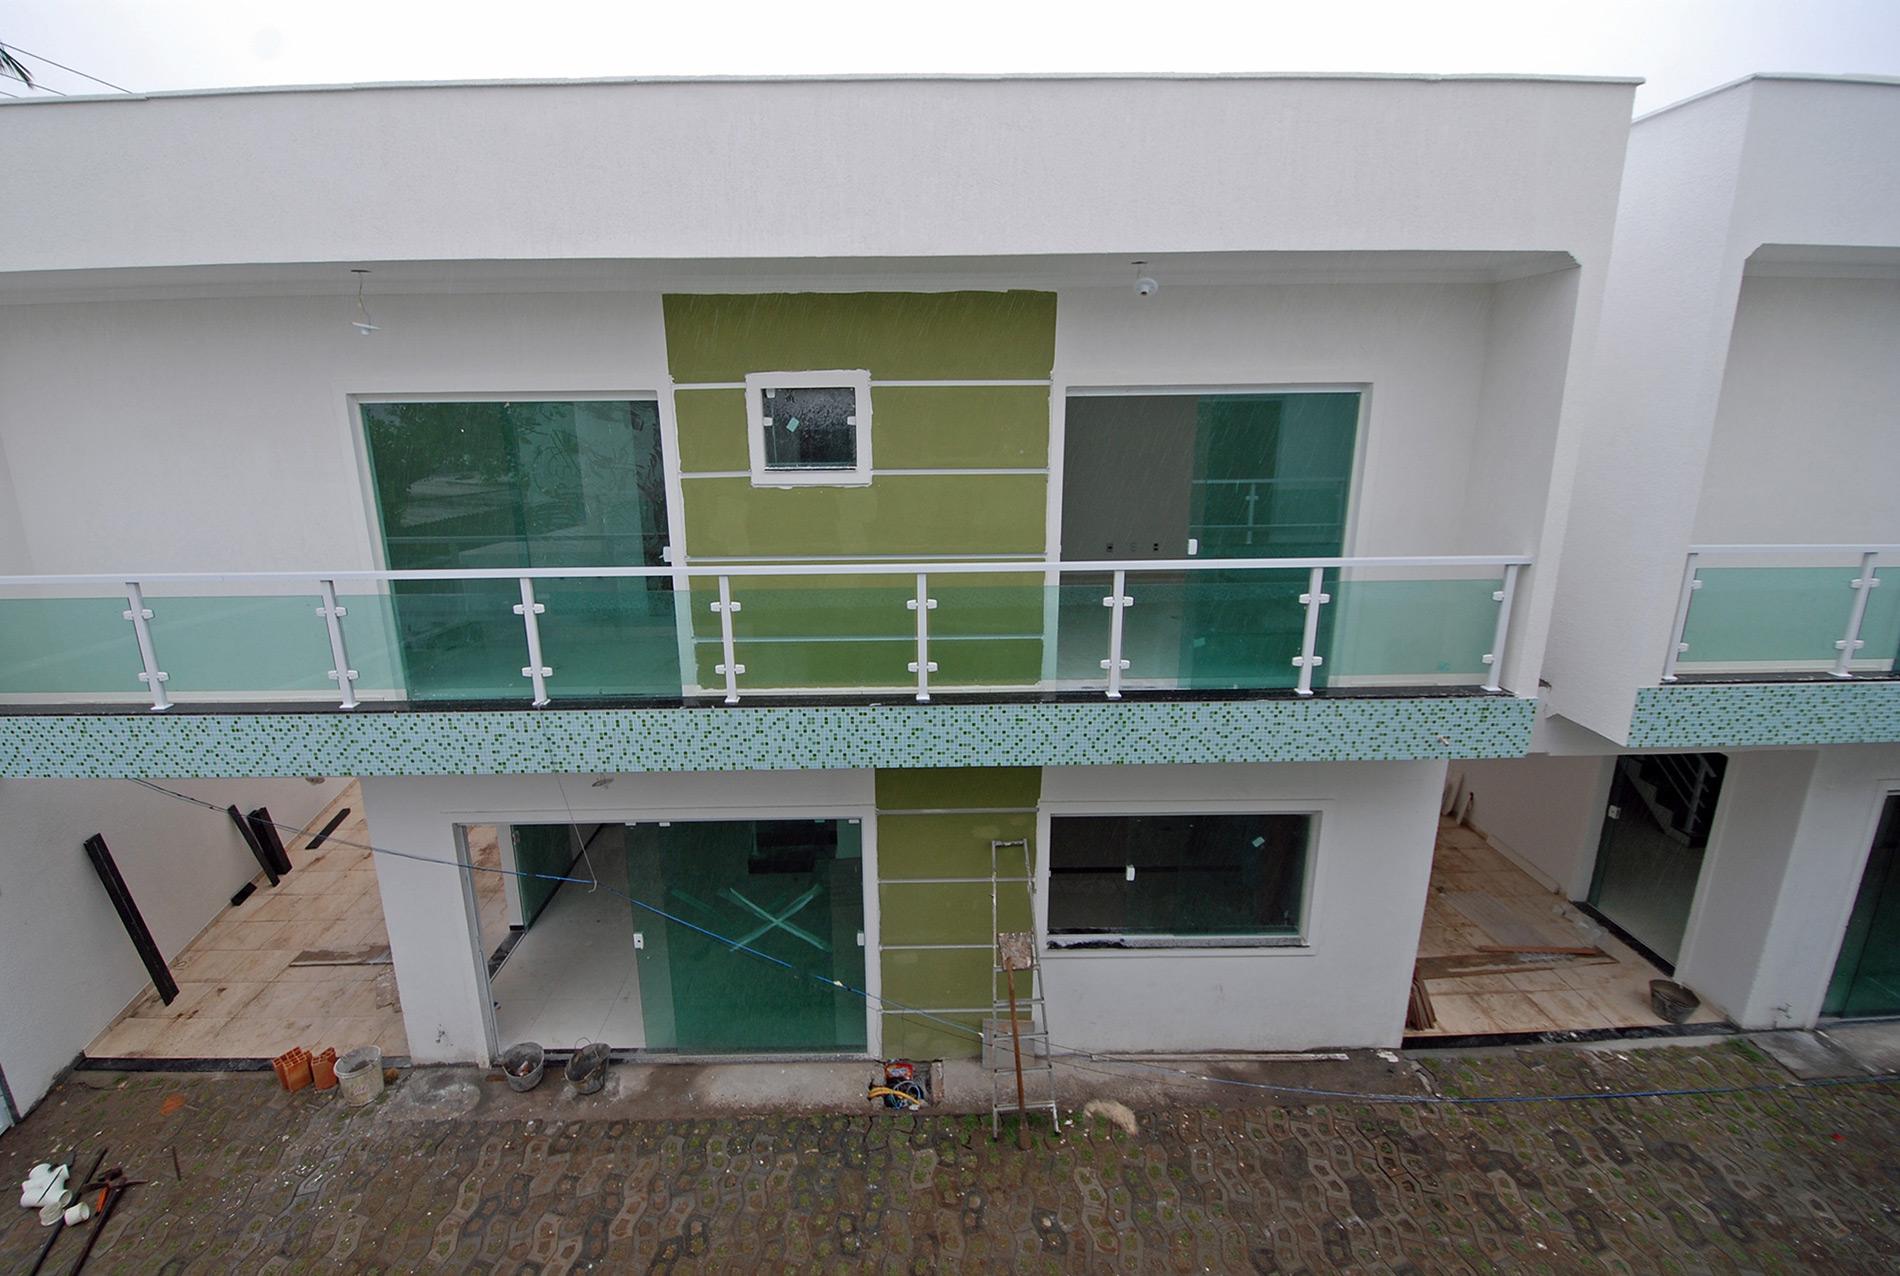 Casa duplex con piscina y barbacoa en pitangueiras for Duplex con garage